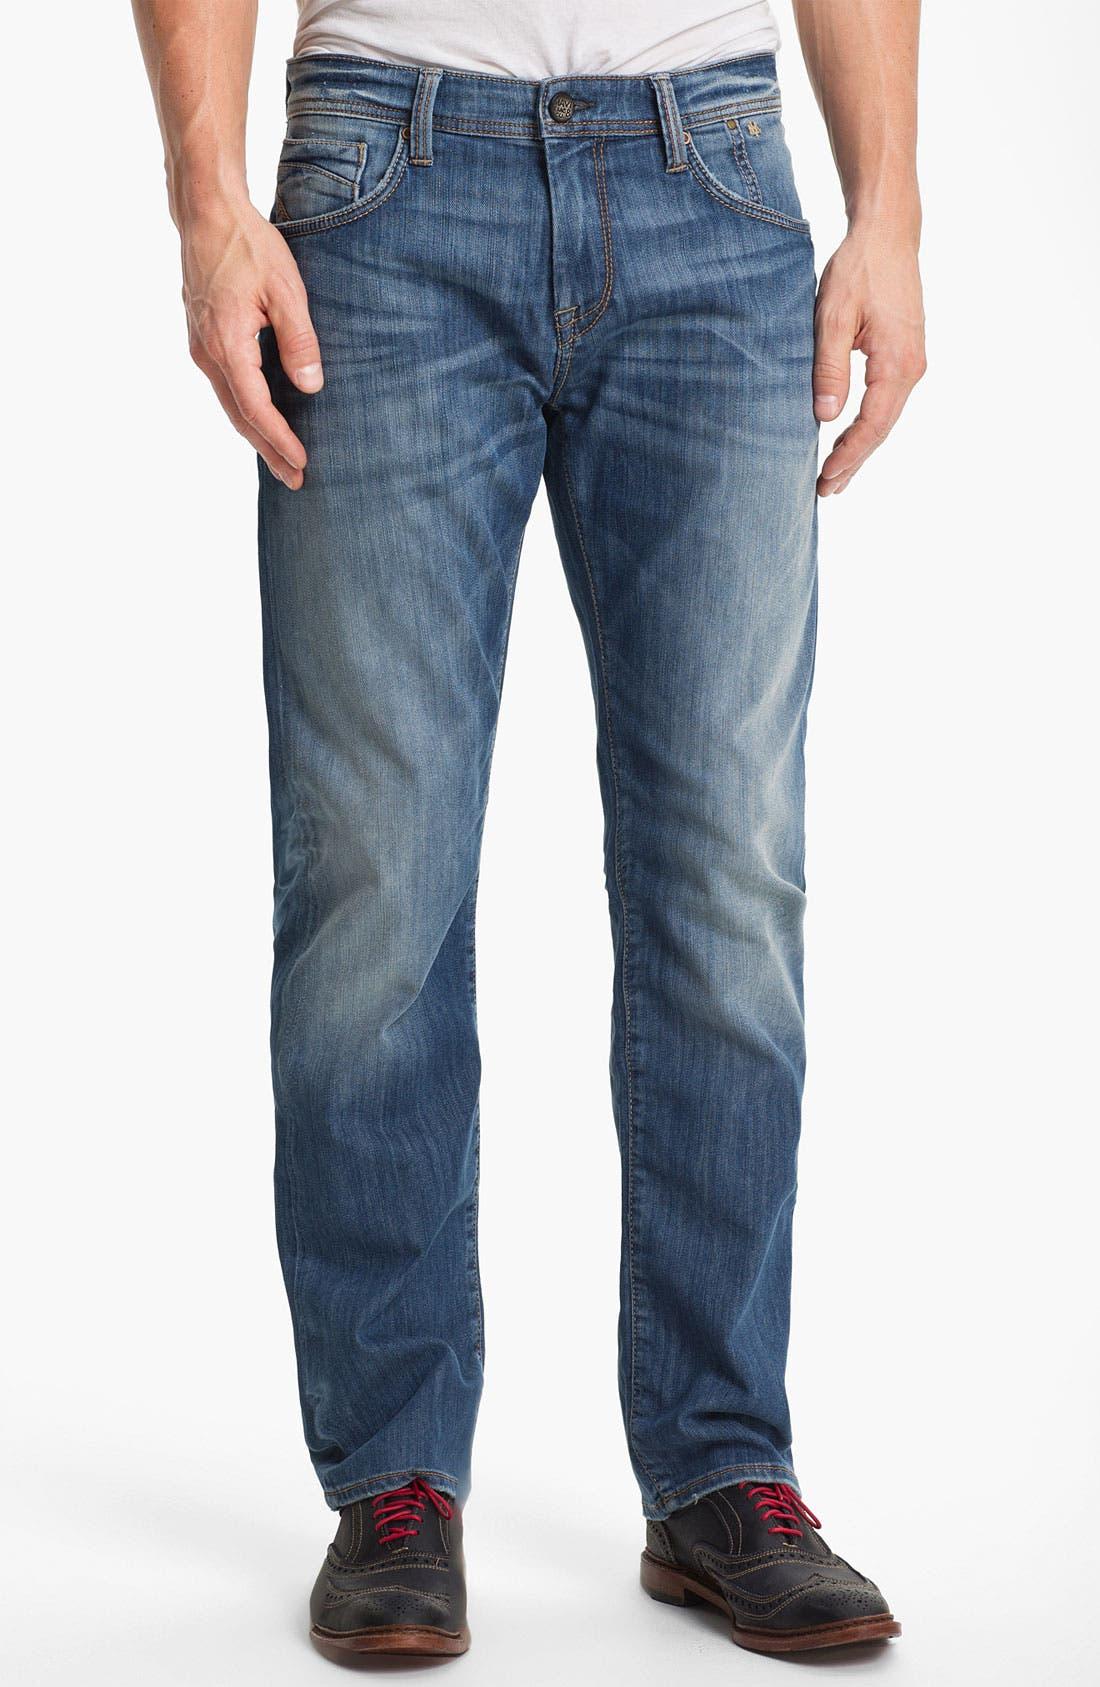 Alternate Image 1 Selected - Mavi Jeans 'Zach' Straight Leg Jeans (Light Cooper)